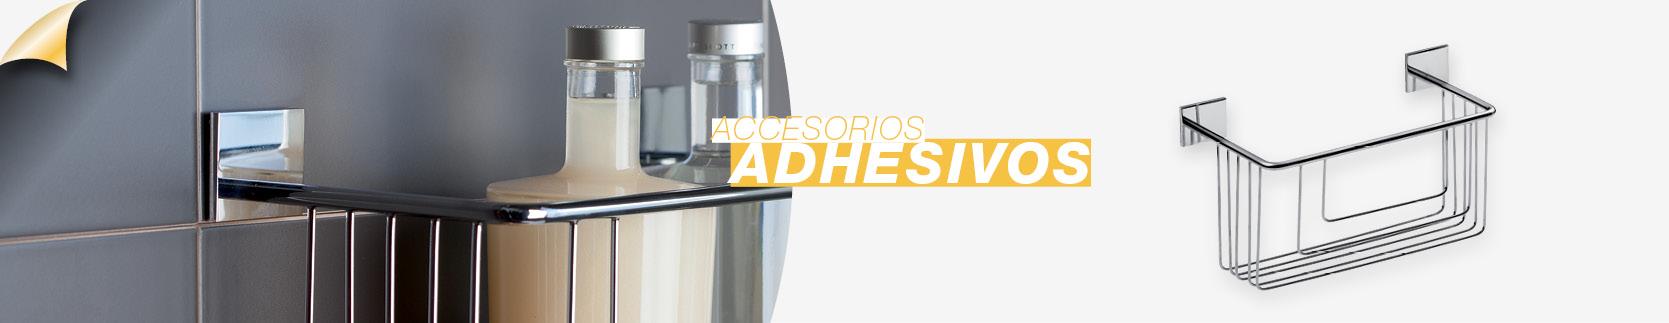 Accesorios adhesivos para el cuarto de baño